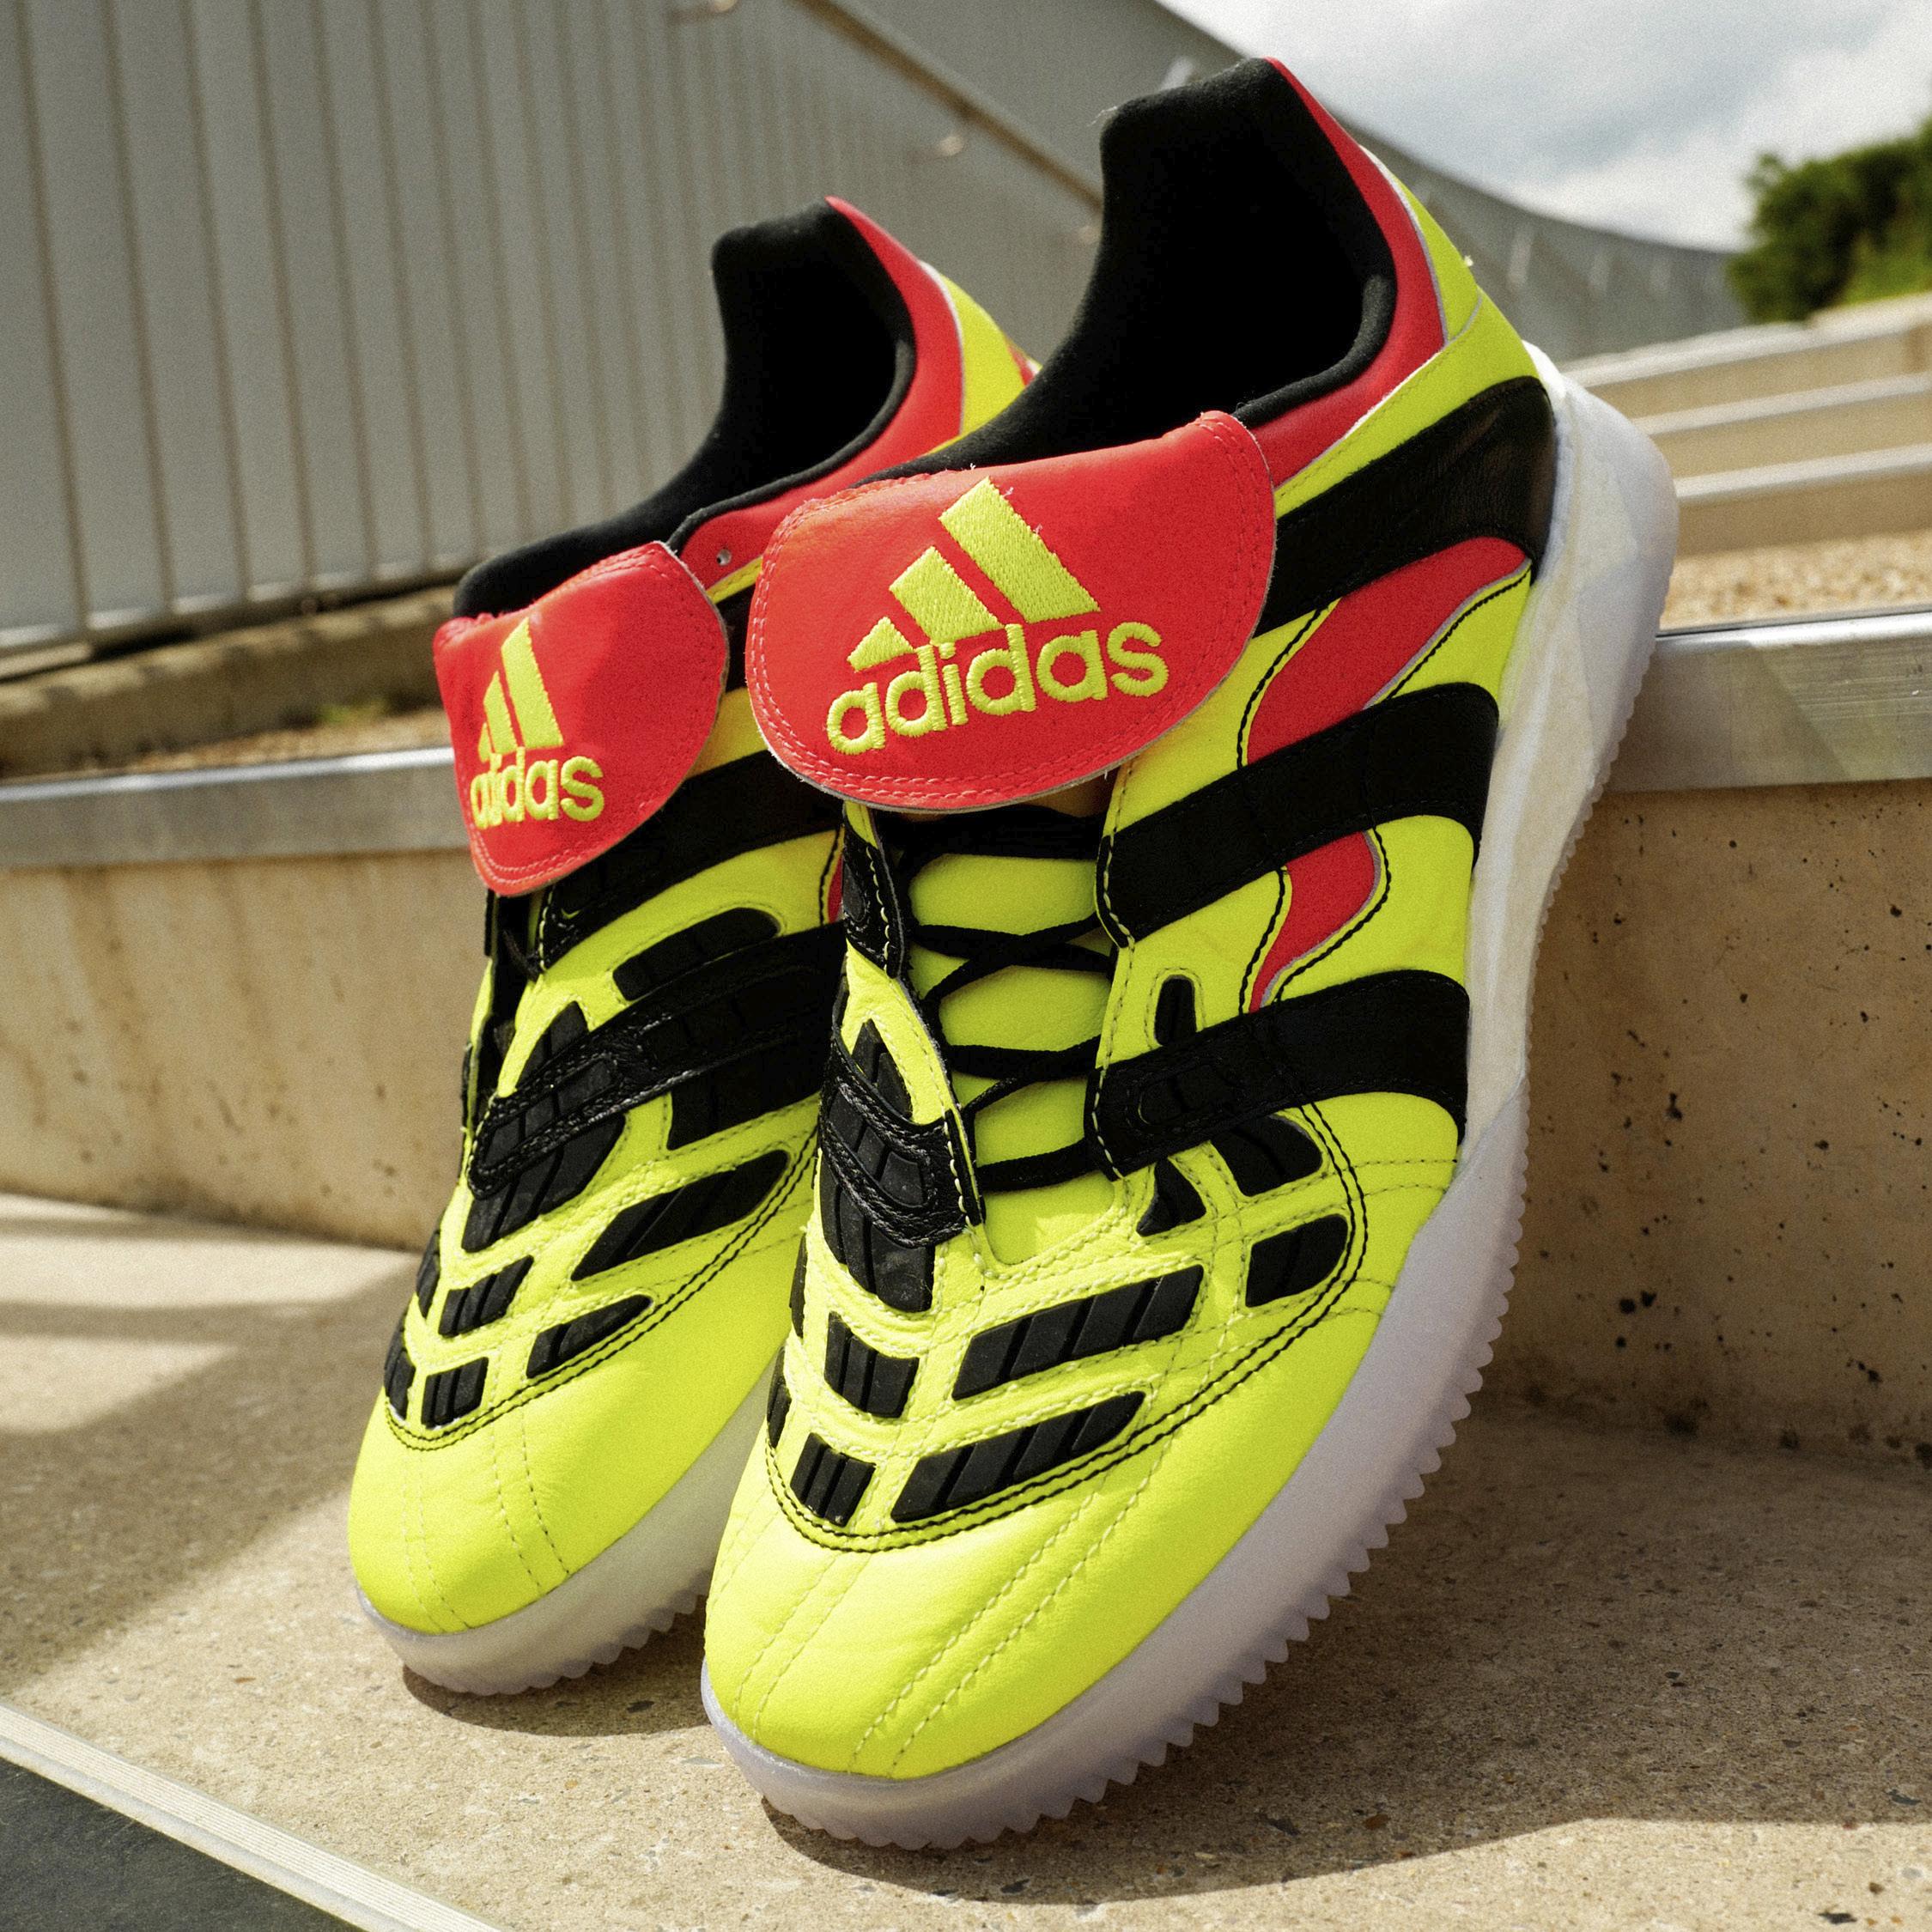 Et Predator Beckham Nouvelles Dévoilent D'adidas Zidane Les c3S5LARjq4